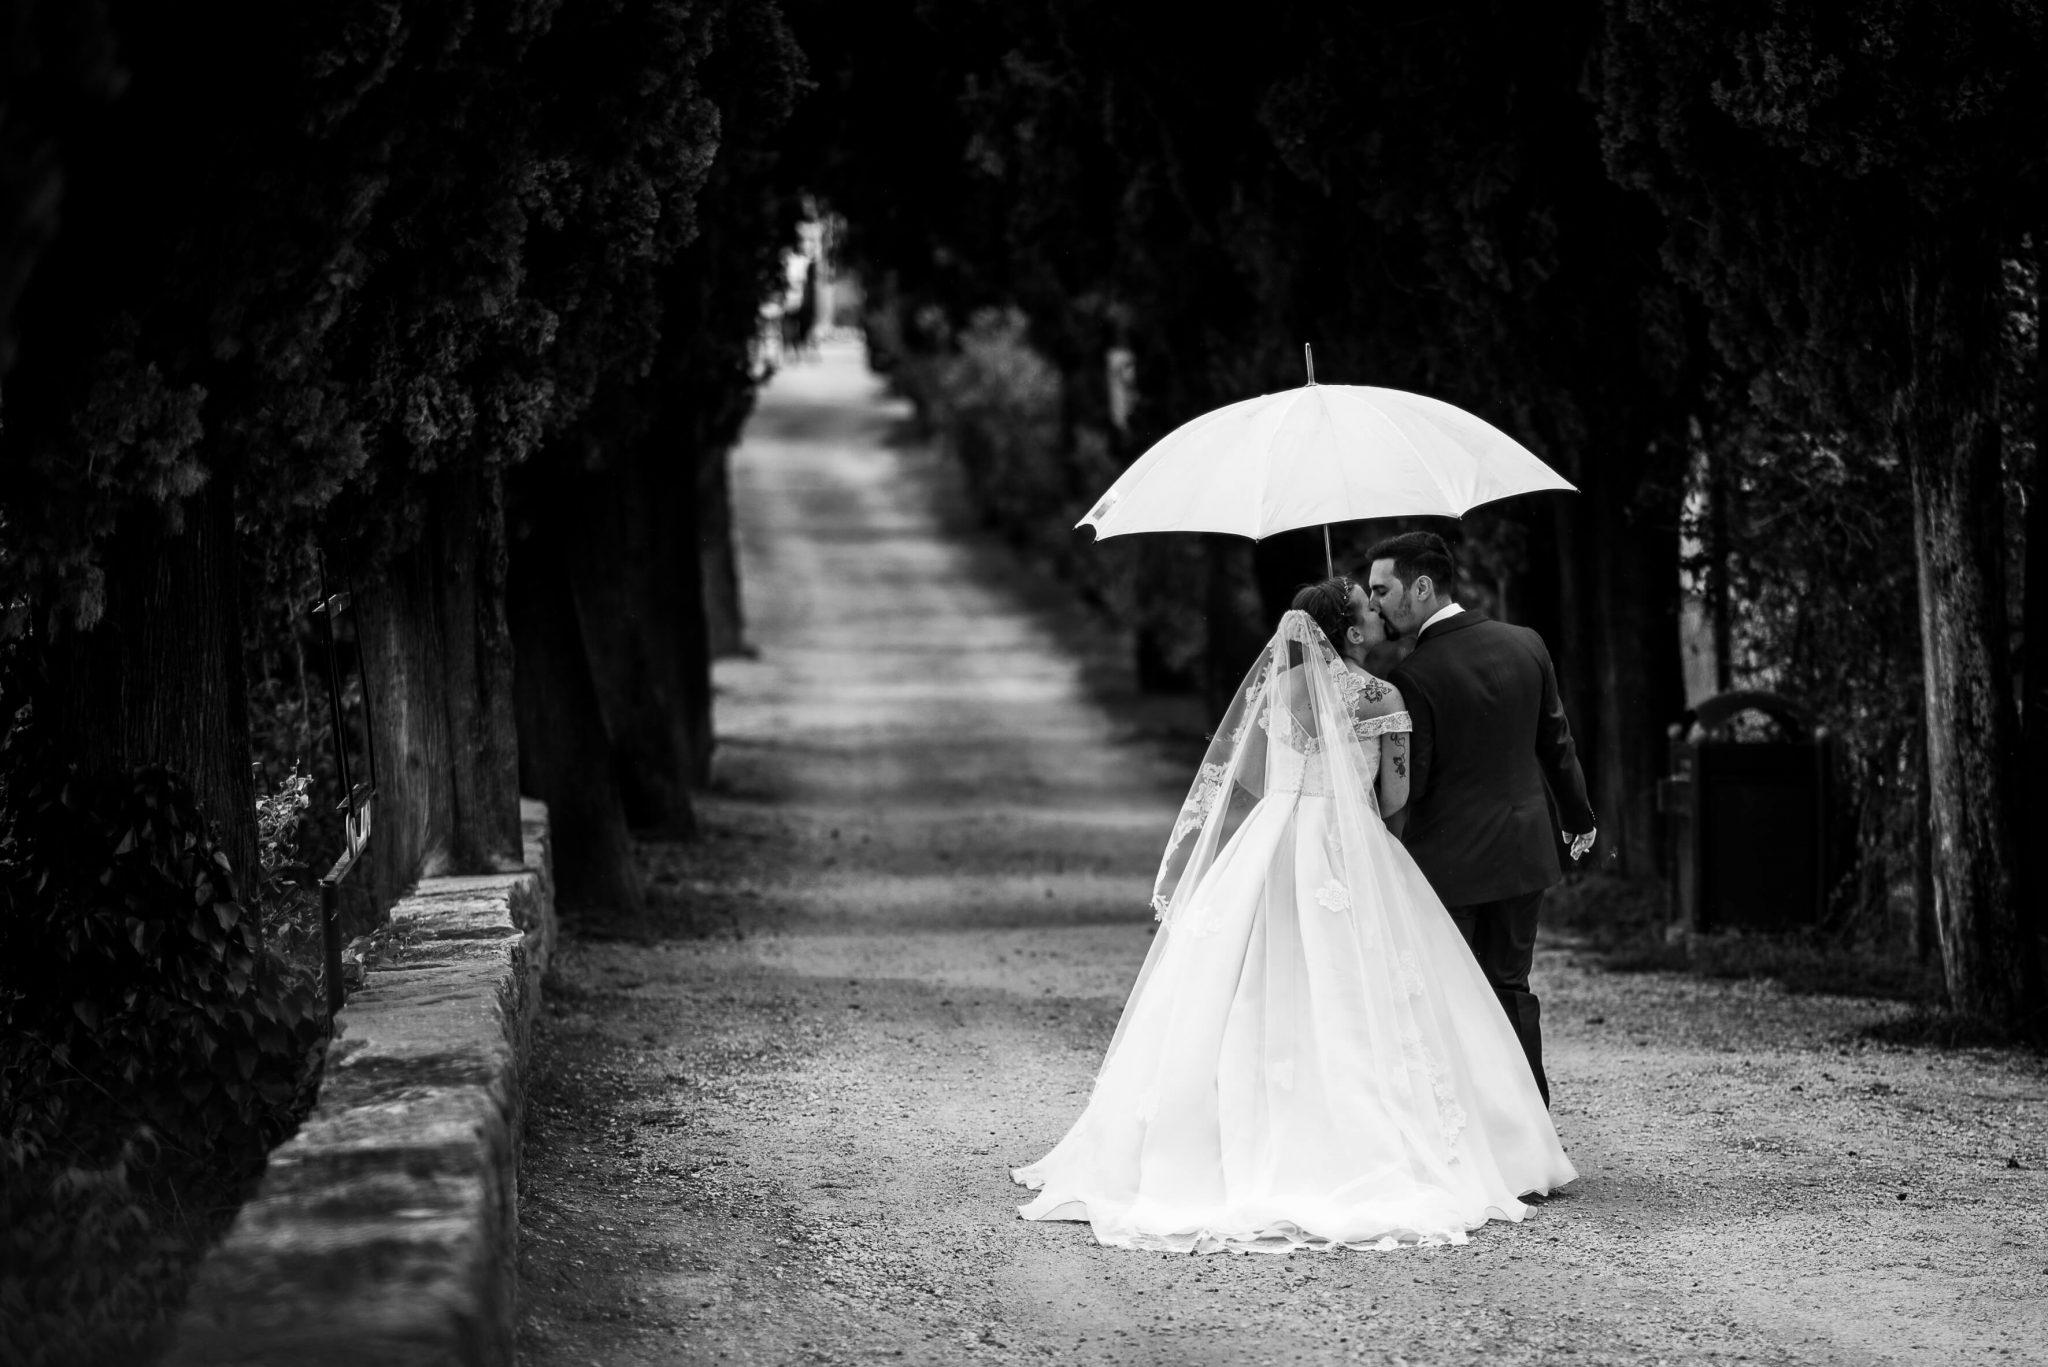 gli sposi si baciano sotto l'ombrello in un viale alberato